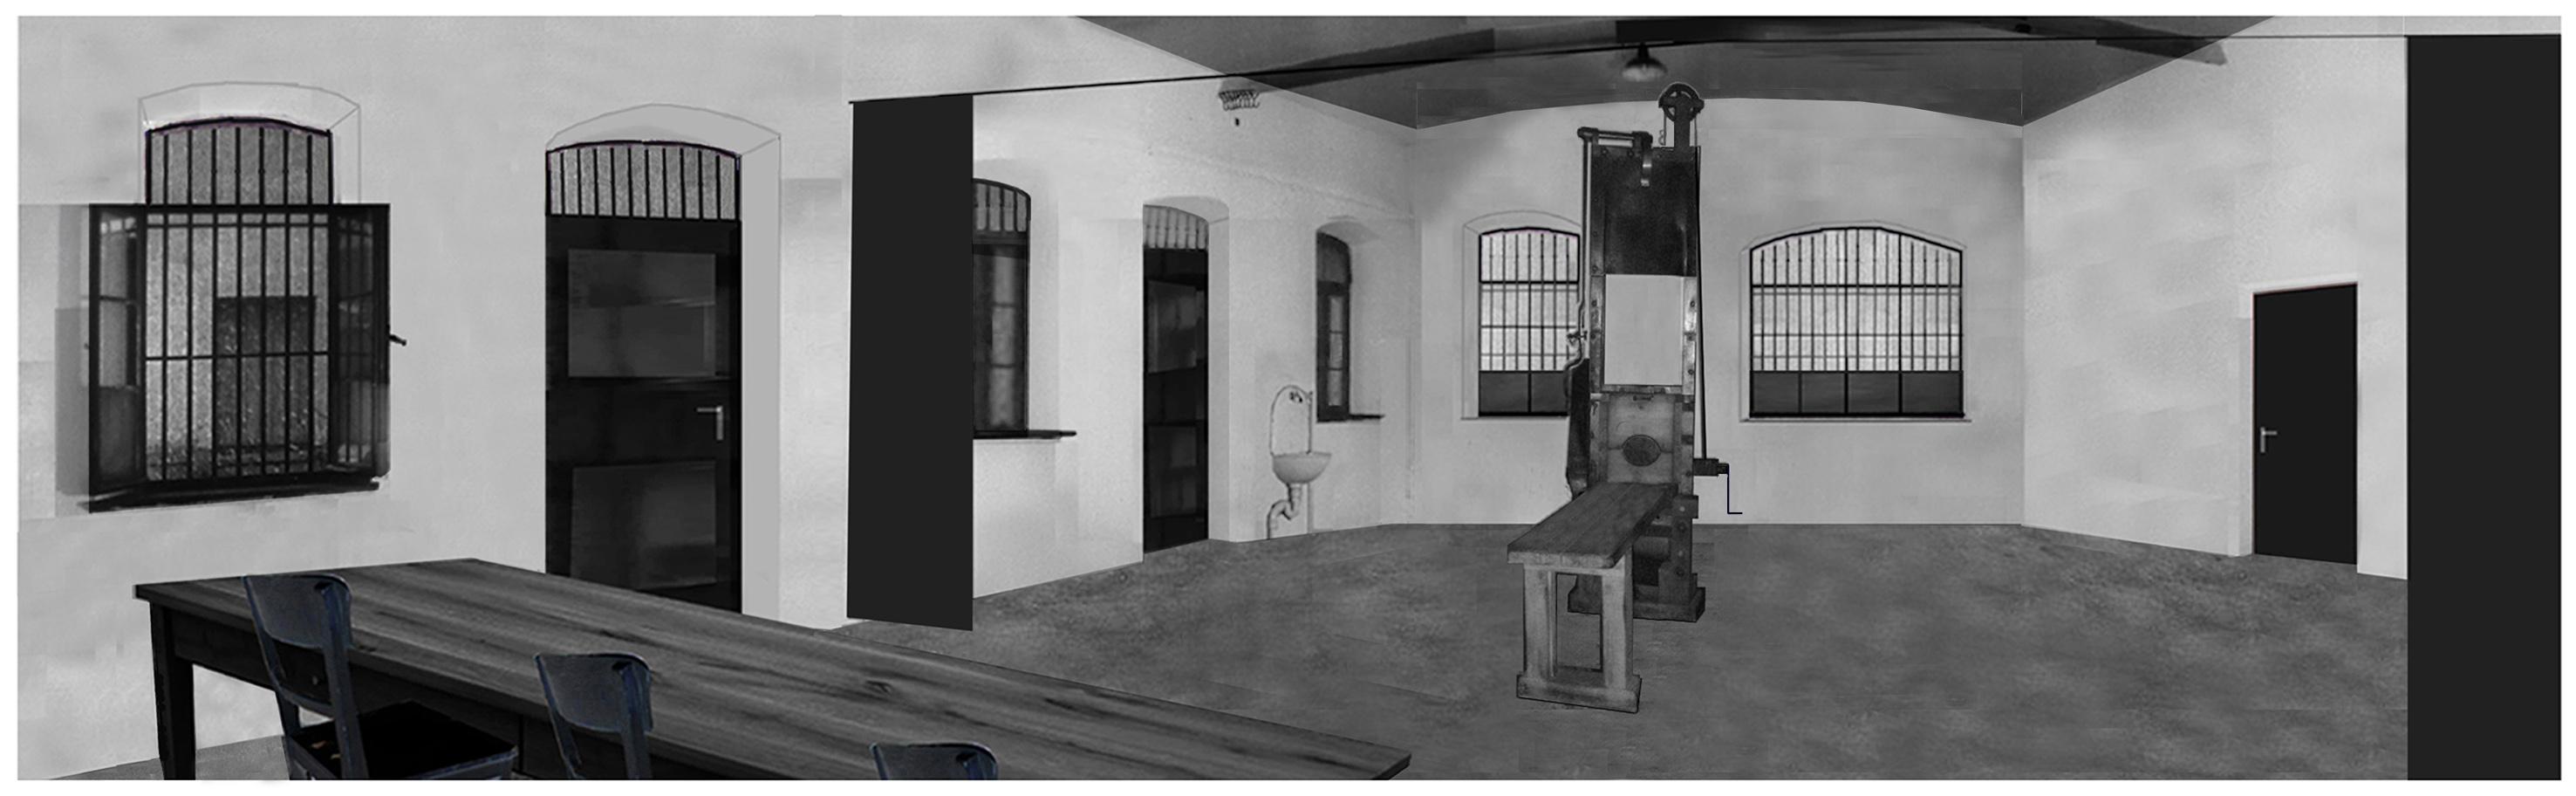 Weiße-Weisse-Rose-Hinrichtungsraum-1943-1958-Fallbeil-Enthauptung-Panorama-Blick-schwarzer-Vorhang-Garage-Weisse-Rose-Probst-Huber-Schmorell-Graf-Stadelheim-München-Muenchen-White-Rose-execution-room-chamber-1943-1958-site-fallbeil-beheadings-room-panoramic-black-curtain-garage-prison-stadelheim-munich